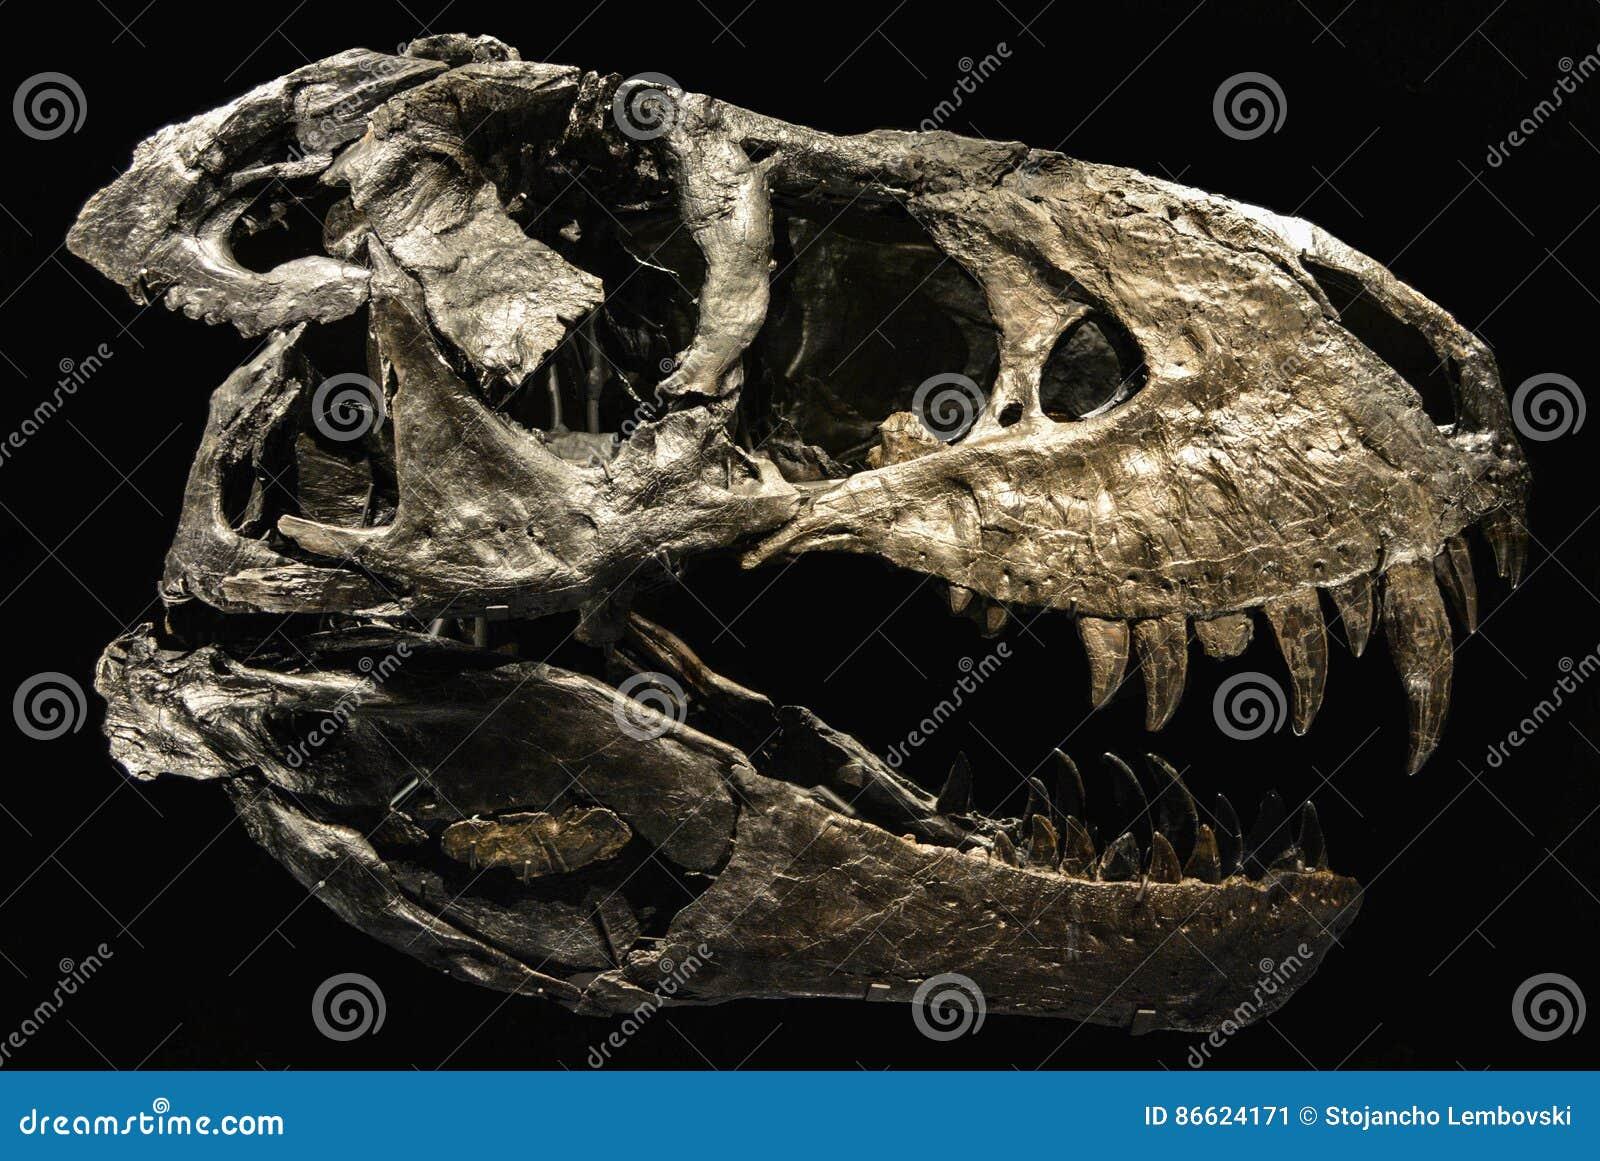 Un squelette d un dinosaure